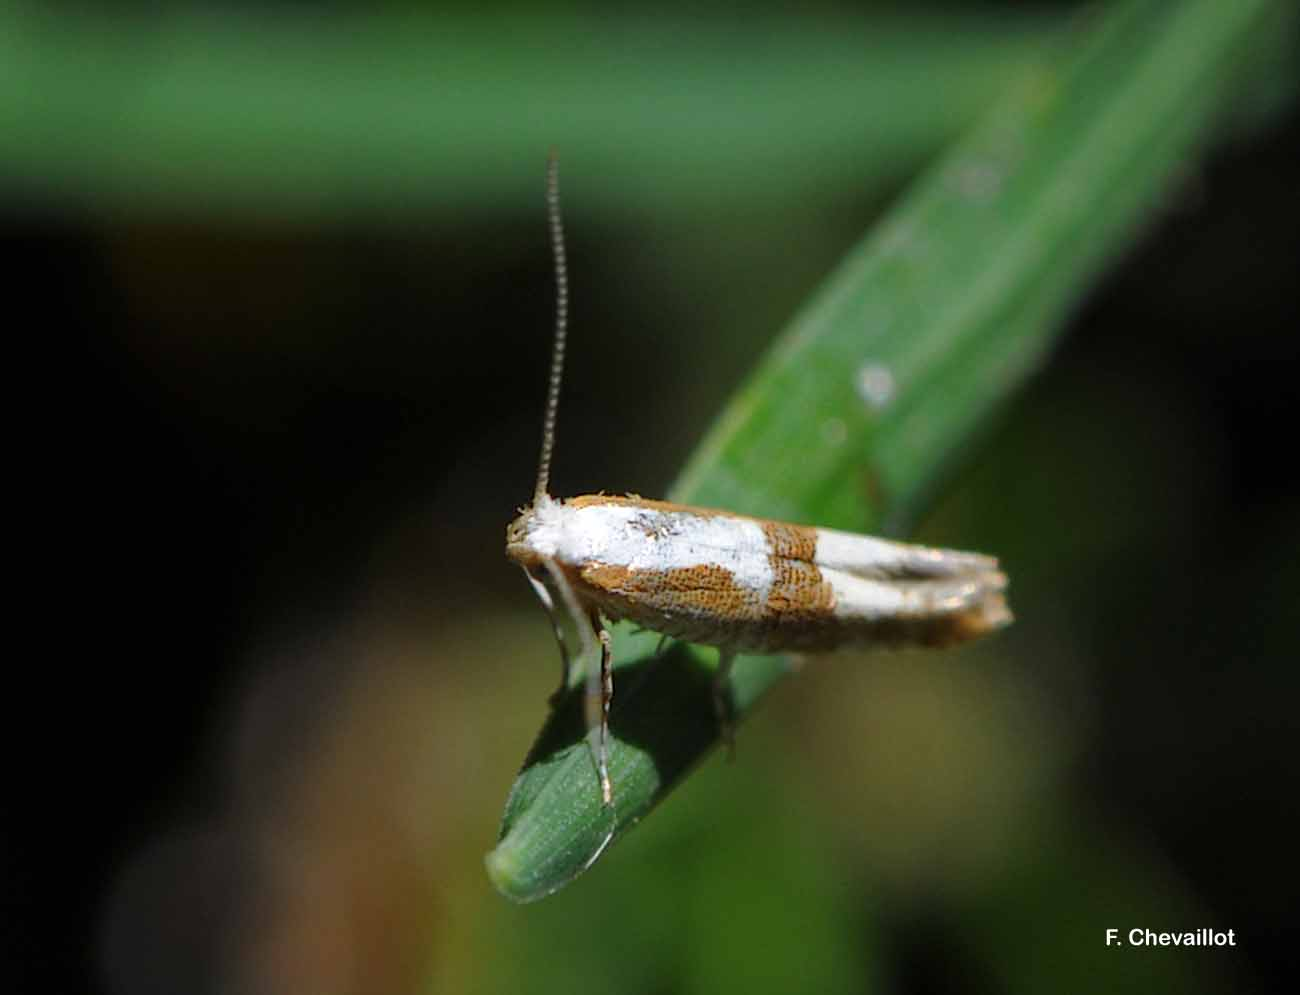 Argyresthia pruniella